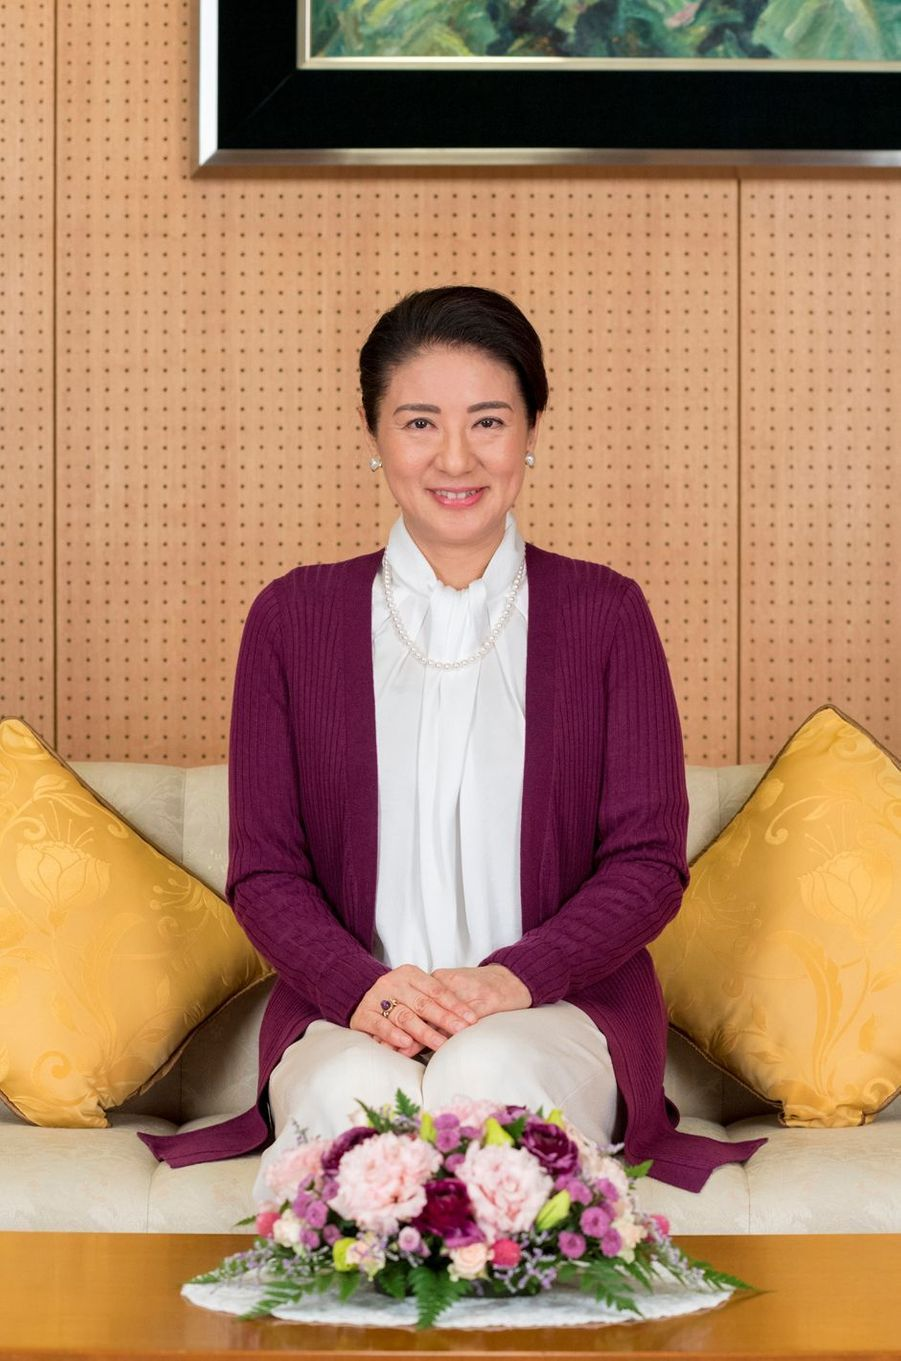 La princesse Masako du Japon à Tokyo le 4 décembre 2018. Photo diffusée pour ses 55 ans le 9 décembre 2018